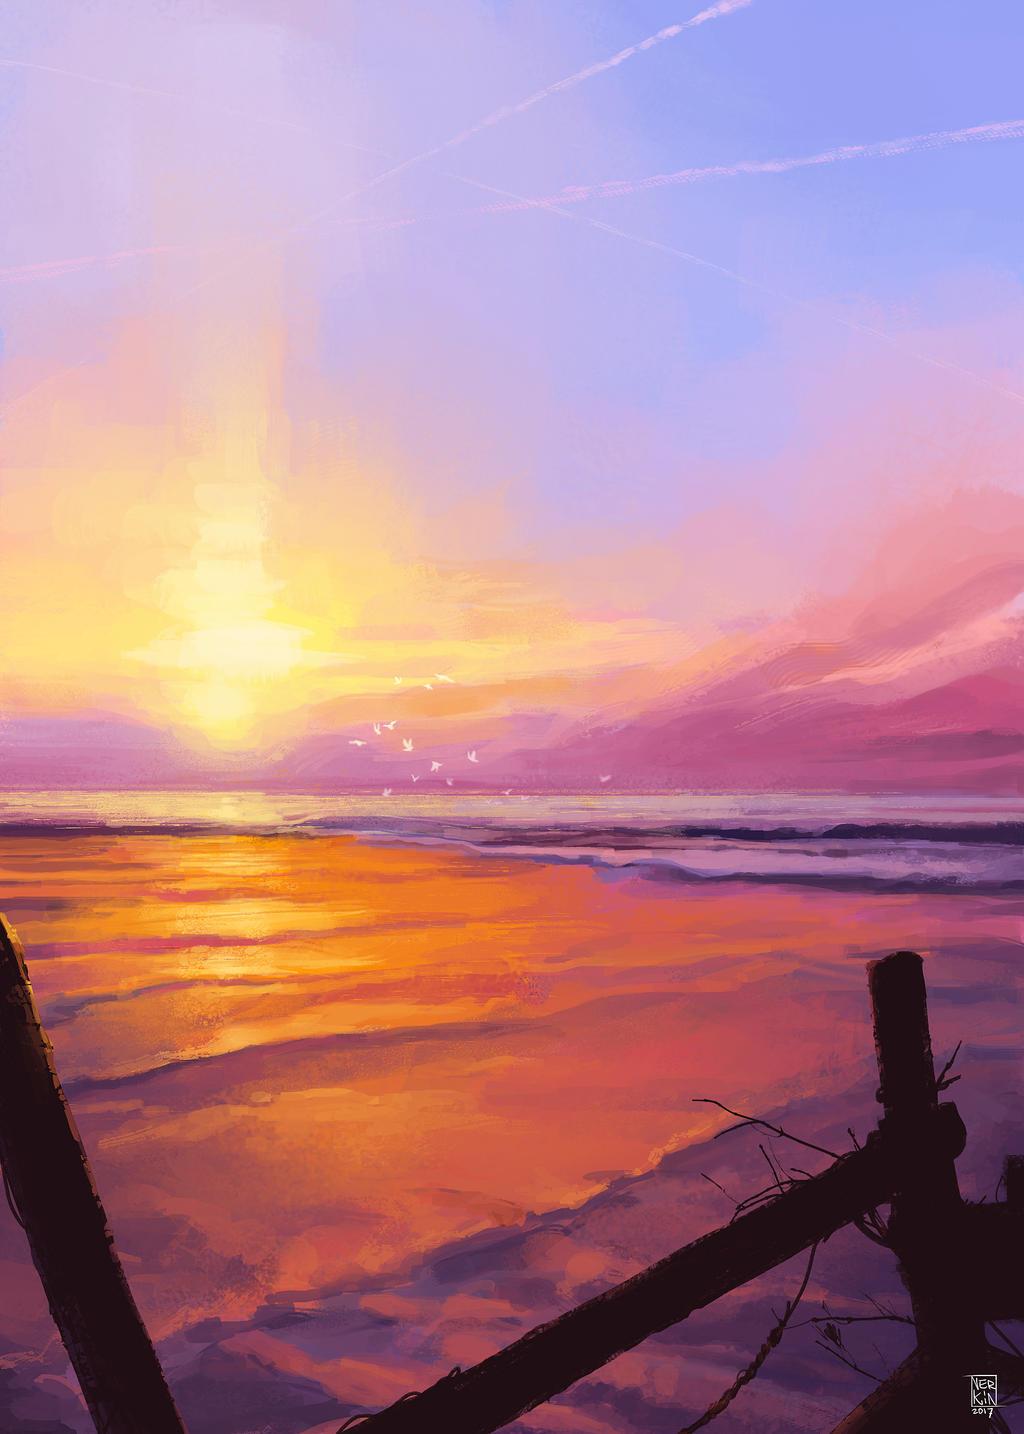 Beach by Nerkin